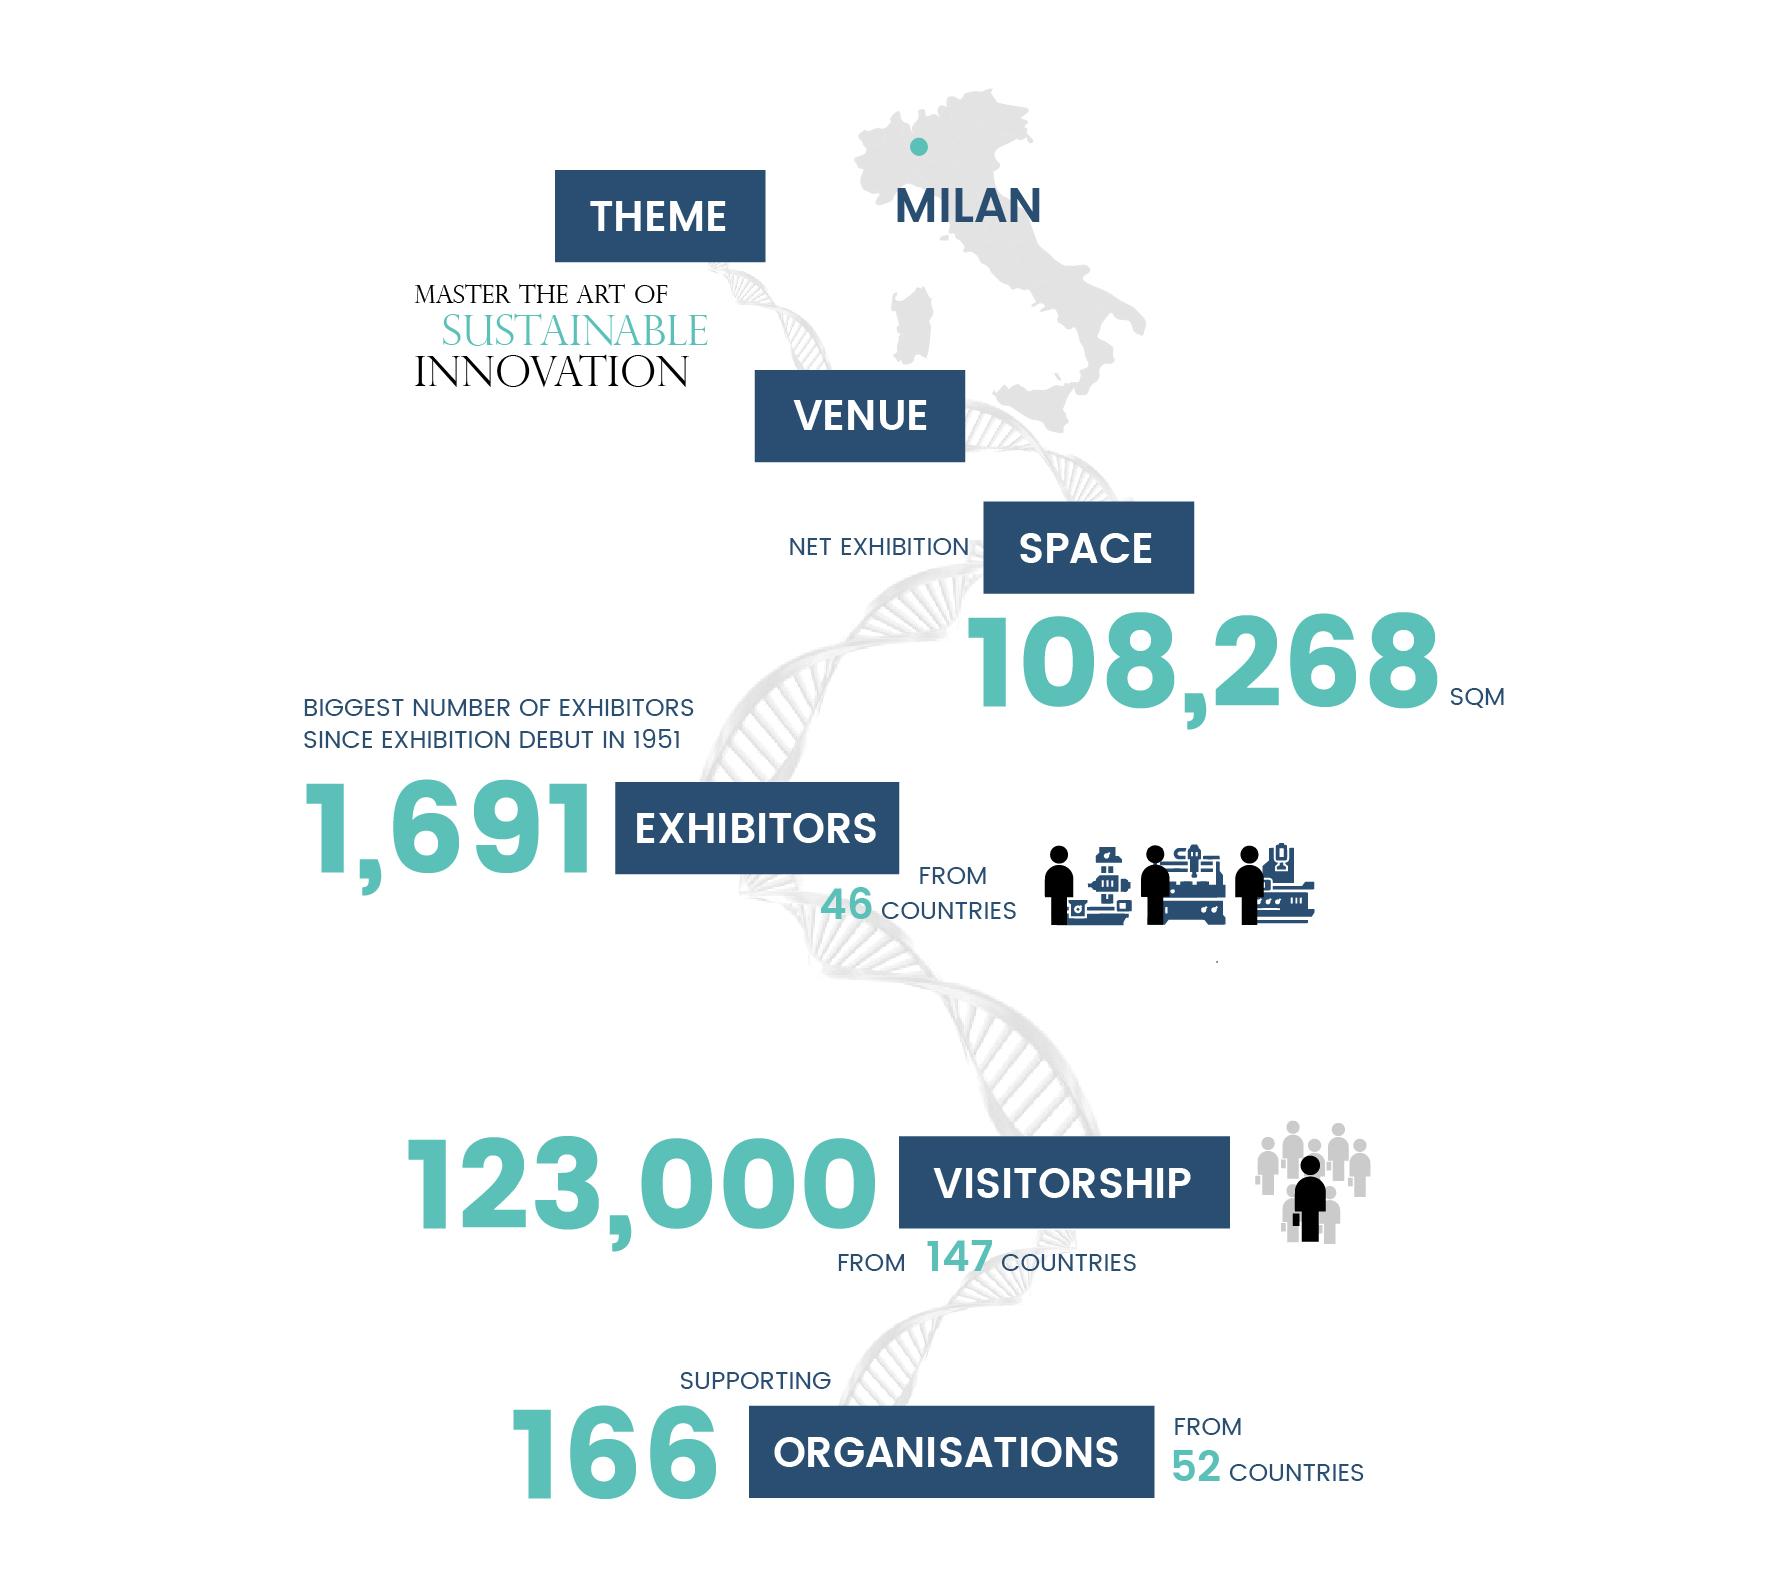 itma 2015 milan numbers